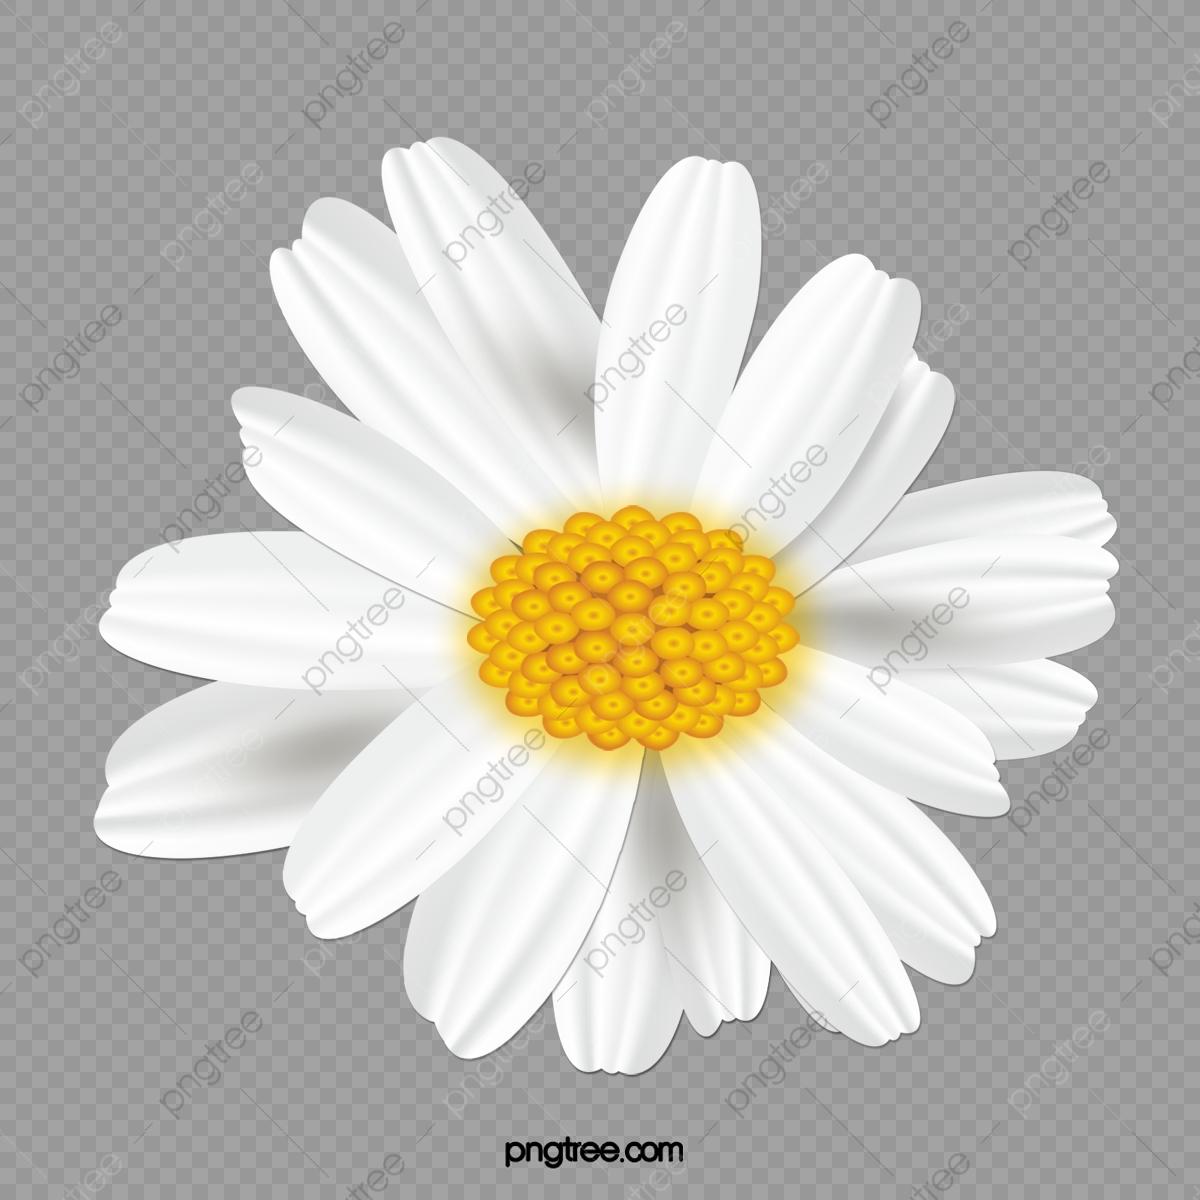 Daisy clipart small daisy. Flower simple